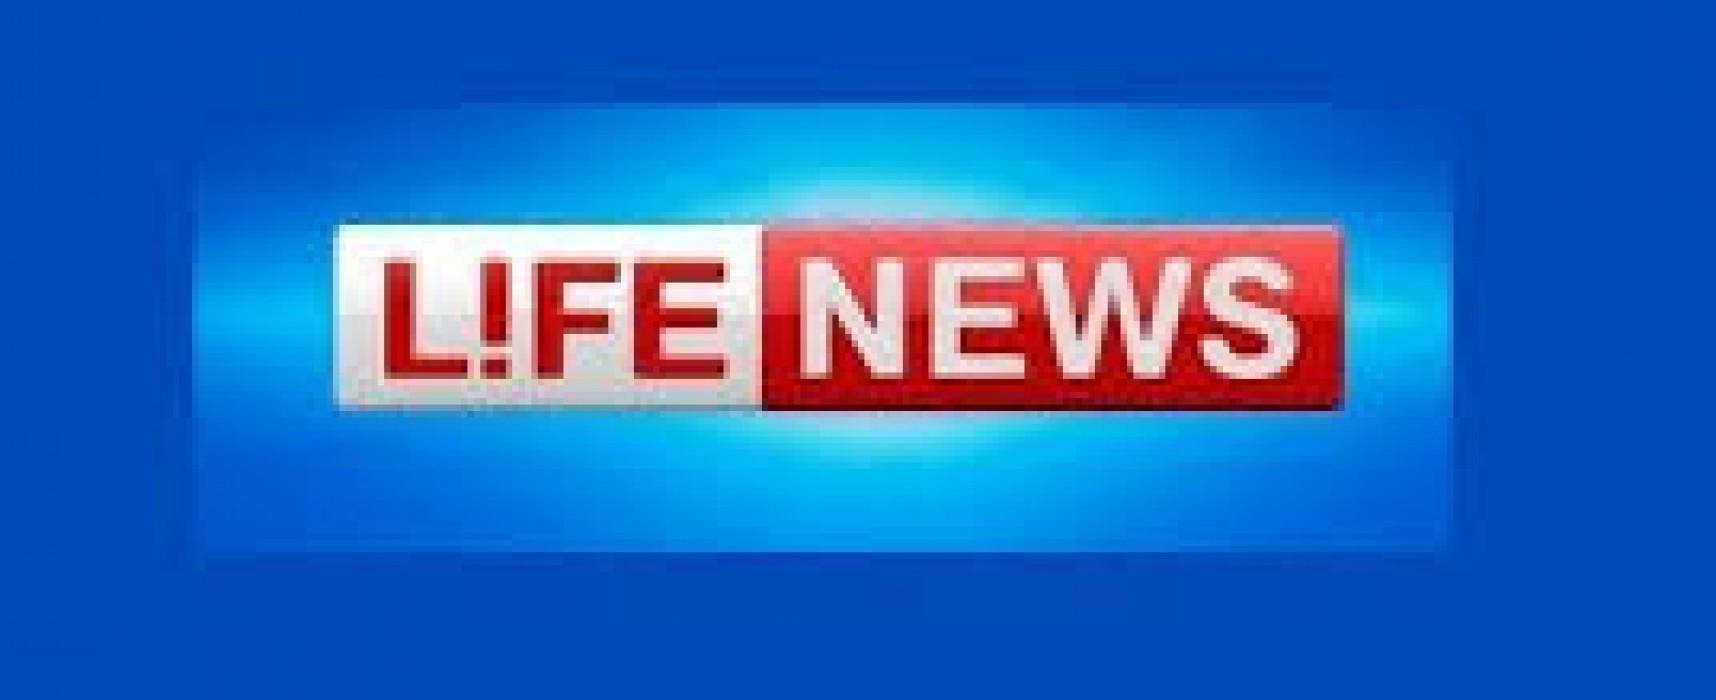 Life news, Вести и другие. Является ли пропаганда преступлением